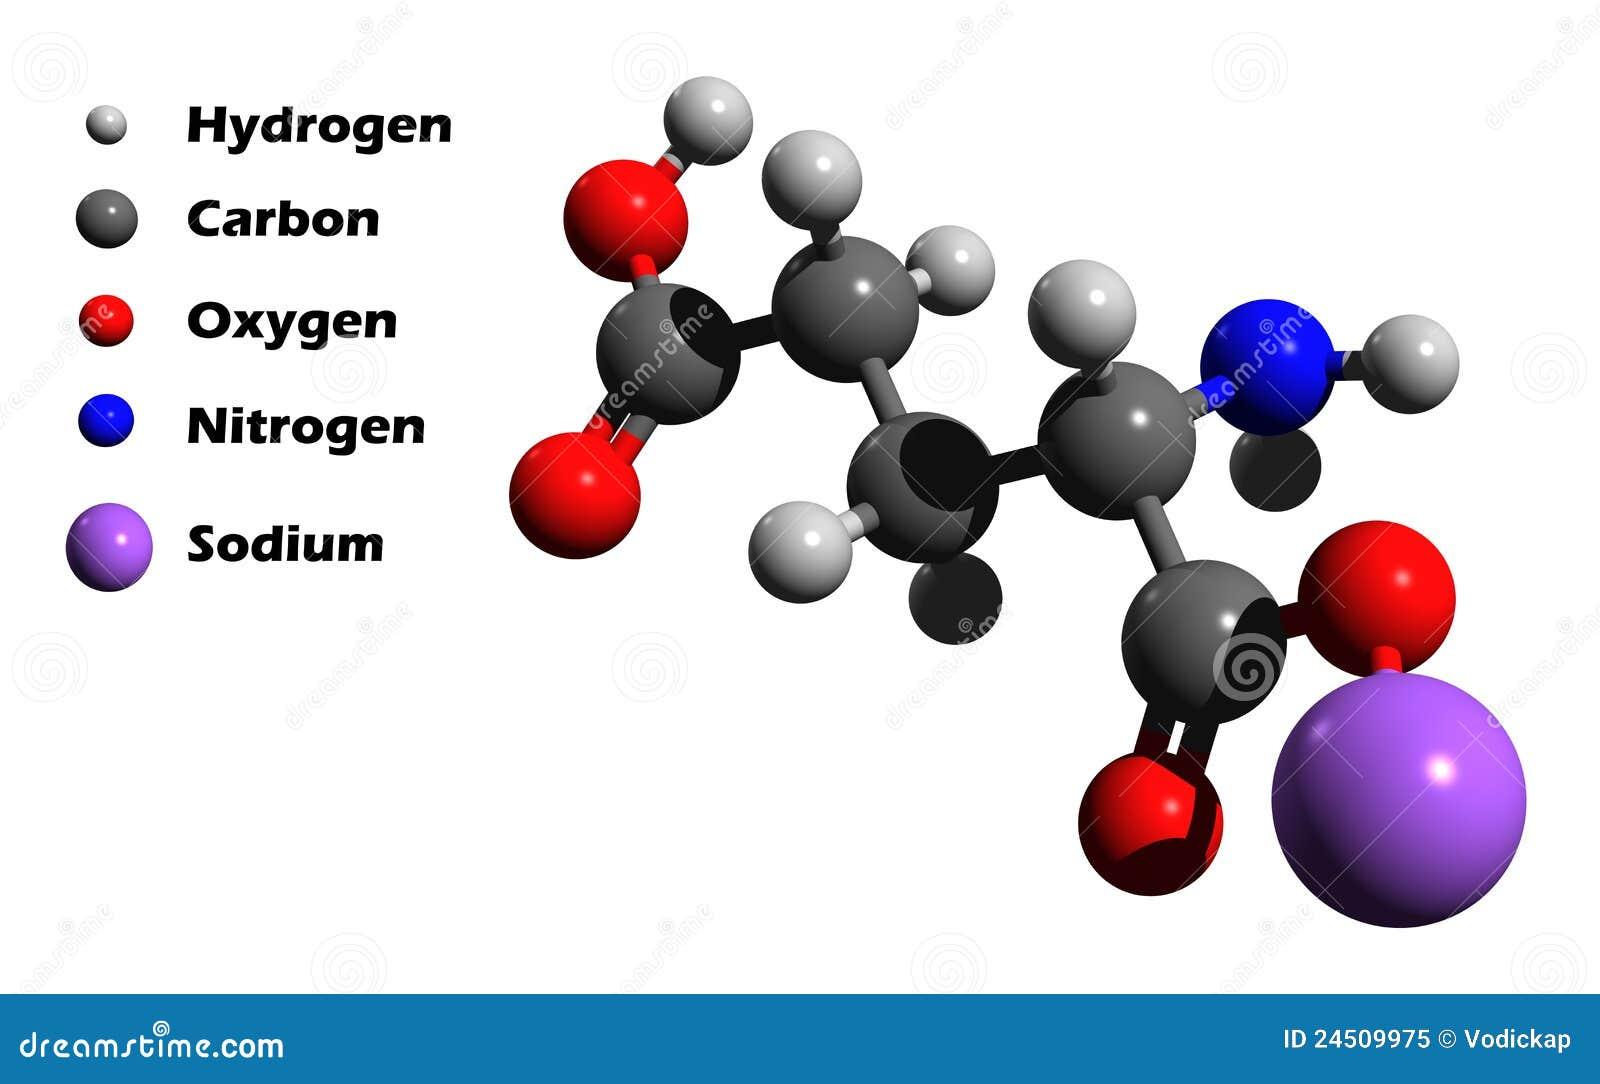 Sodium Model Sodium glutamate 3D model